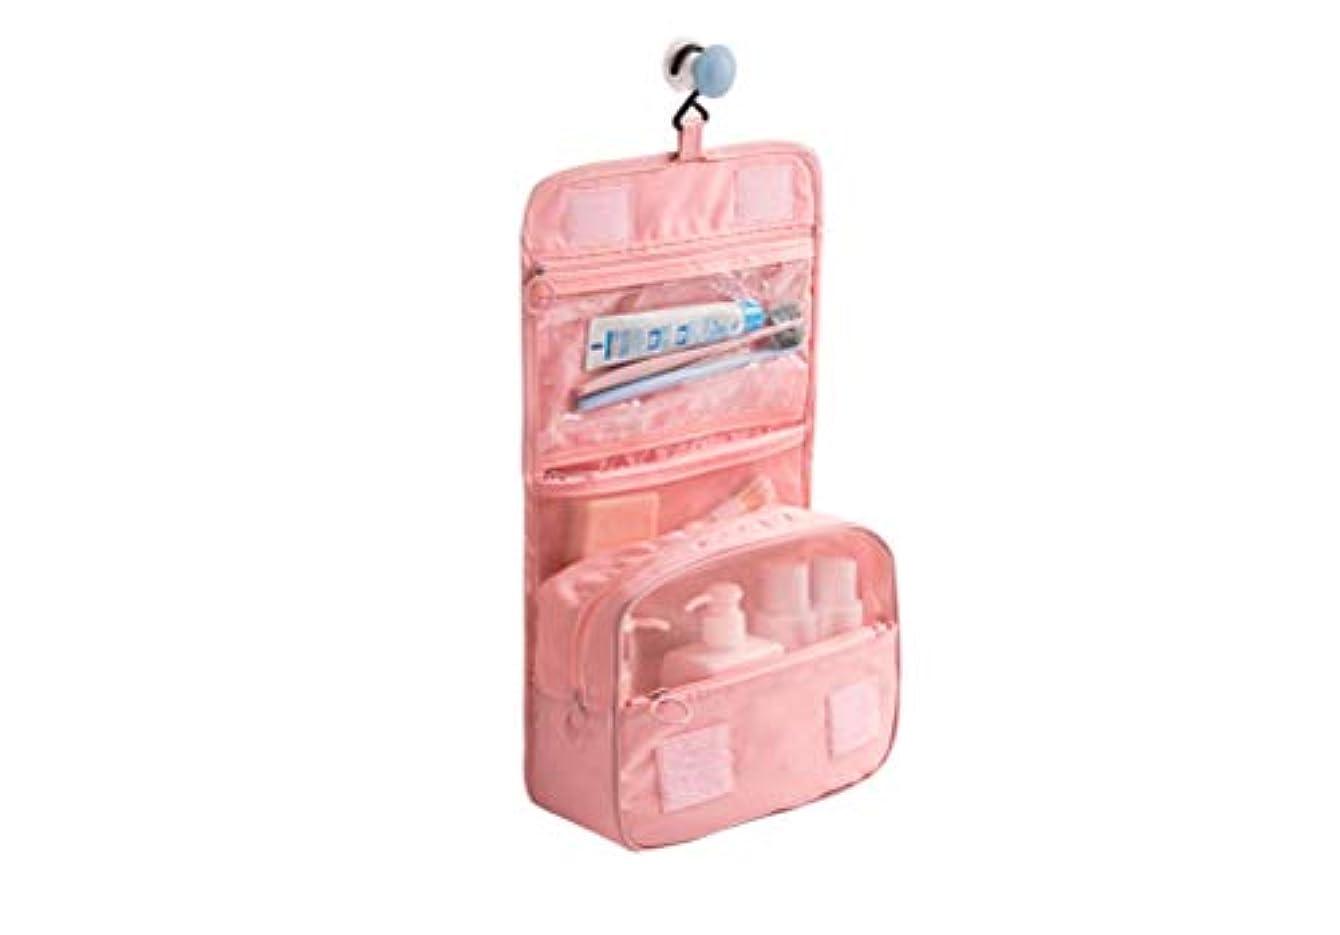 援助する忌まわしい四面体LSHJP 女性のためのポータブル旅行吊りトイレタリーバッグ防水化粧品メイクポーチ収納袋男性大容量 (Color : ピンク, Size : ワンサイズ)